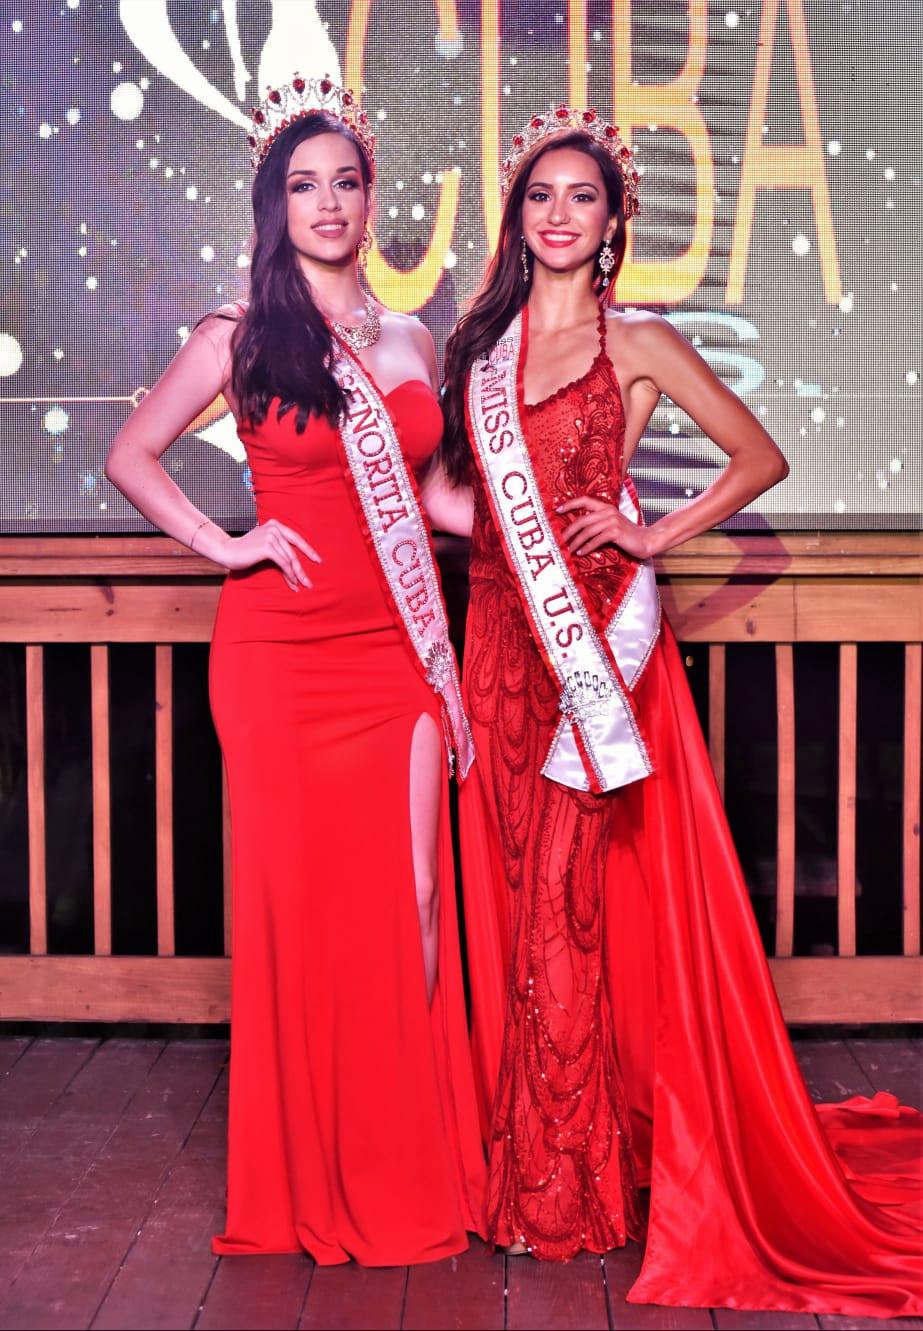 Dos reinas Cubanas coronadas Señorita Cuba 2020, Marla Ramos y Miss Cuba US 2020, Genesis Leiva organizada por BNC Belleza Nacional Cuba